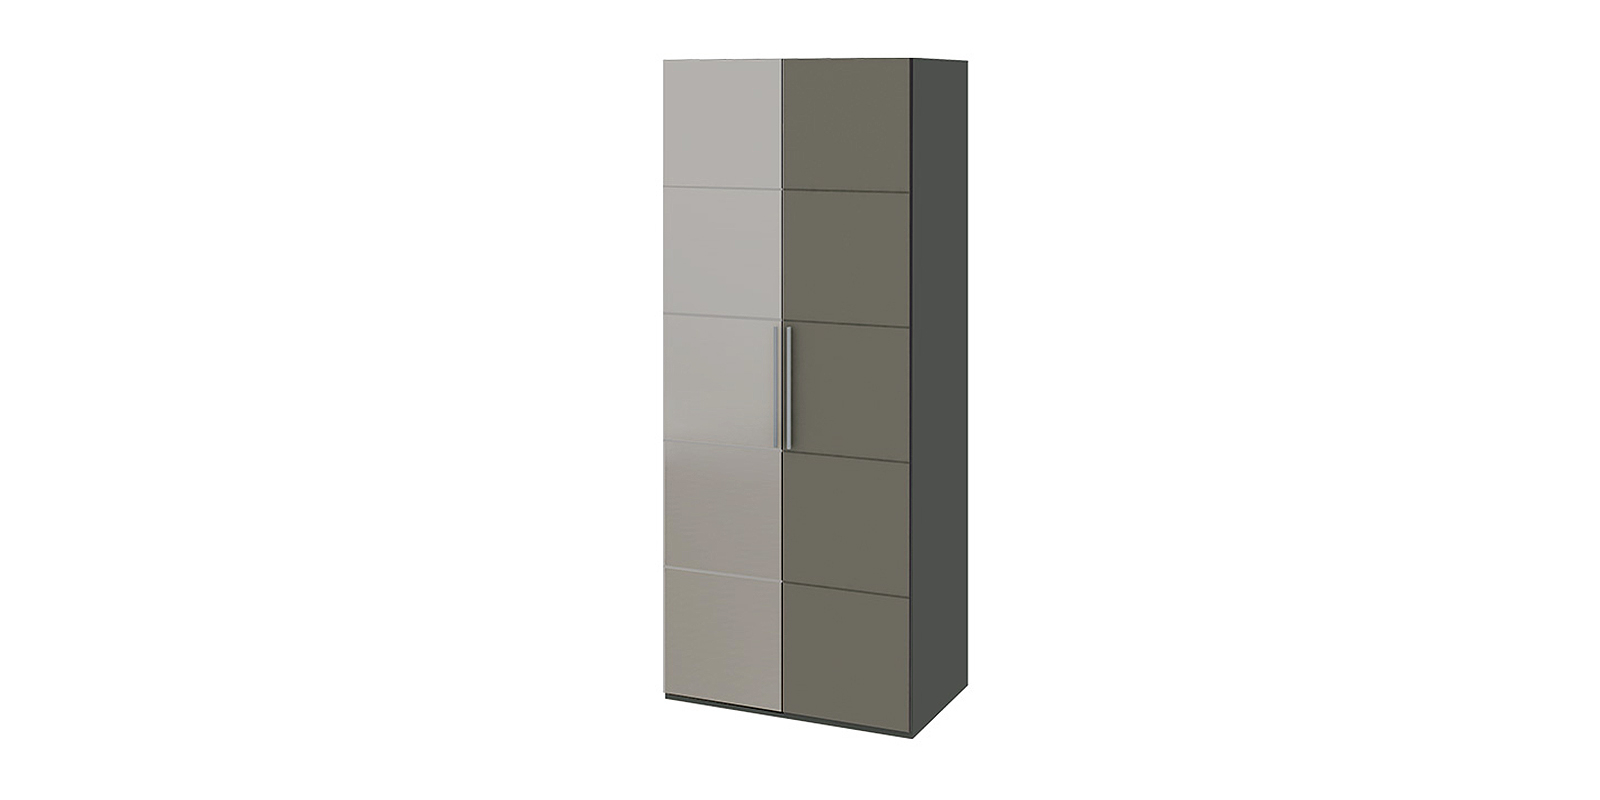 Шкаф распашной двухдверный Сорренто вариант №2 левый (темно-серый/серый)